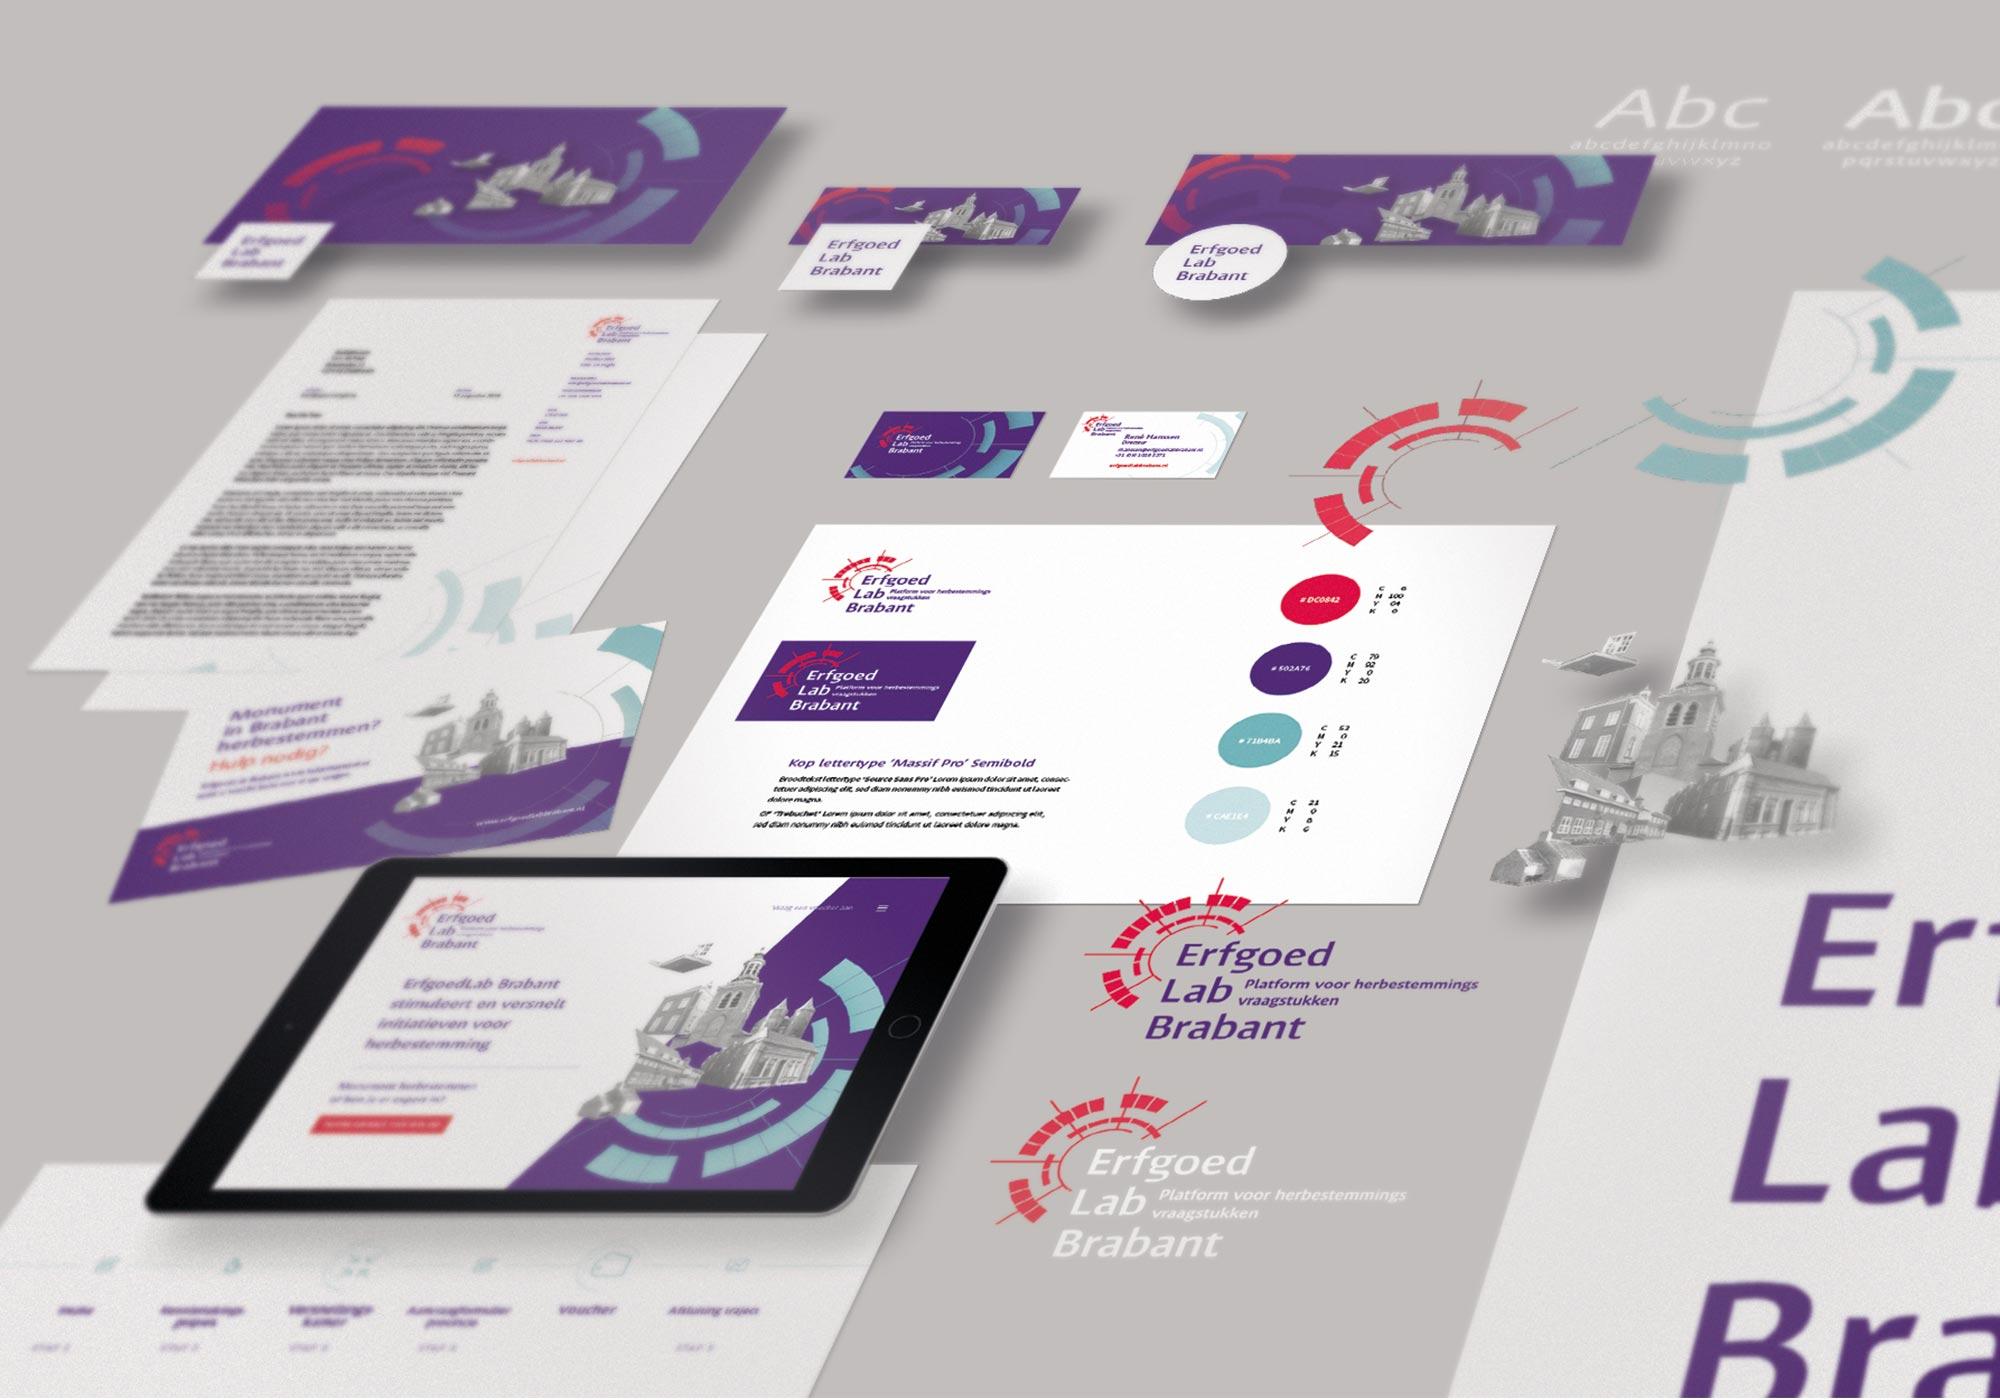 Erfgoed Lab branding JAgd ontwerp